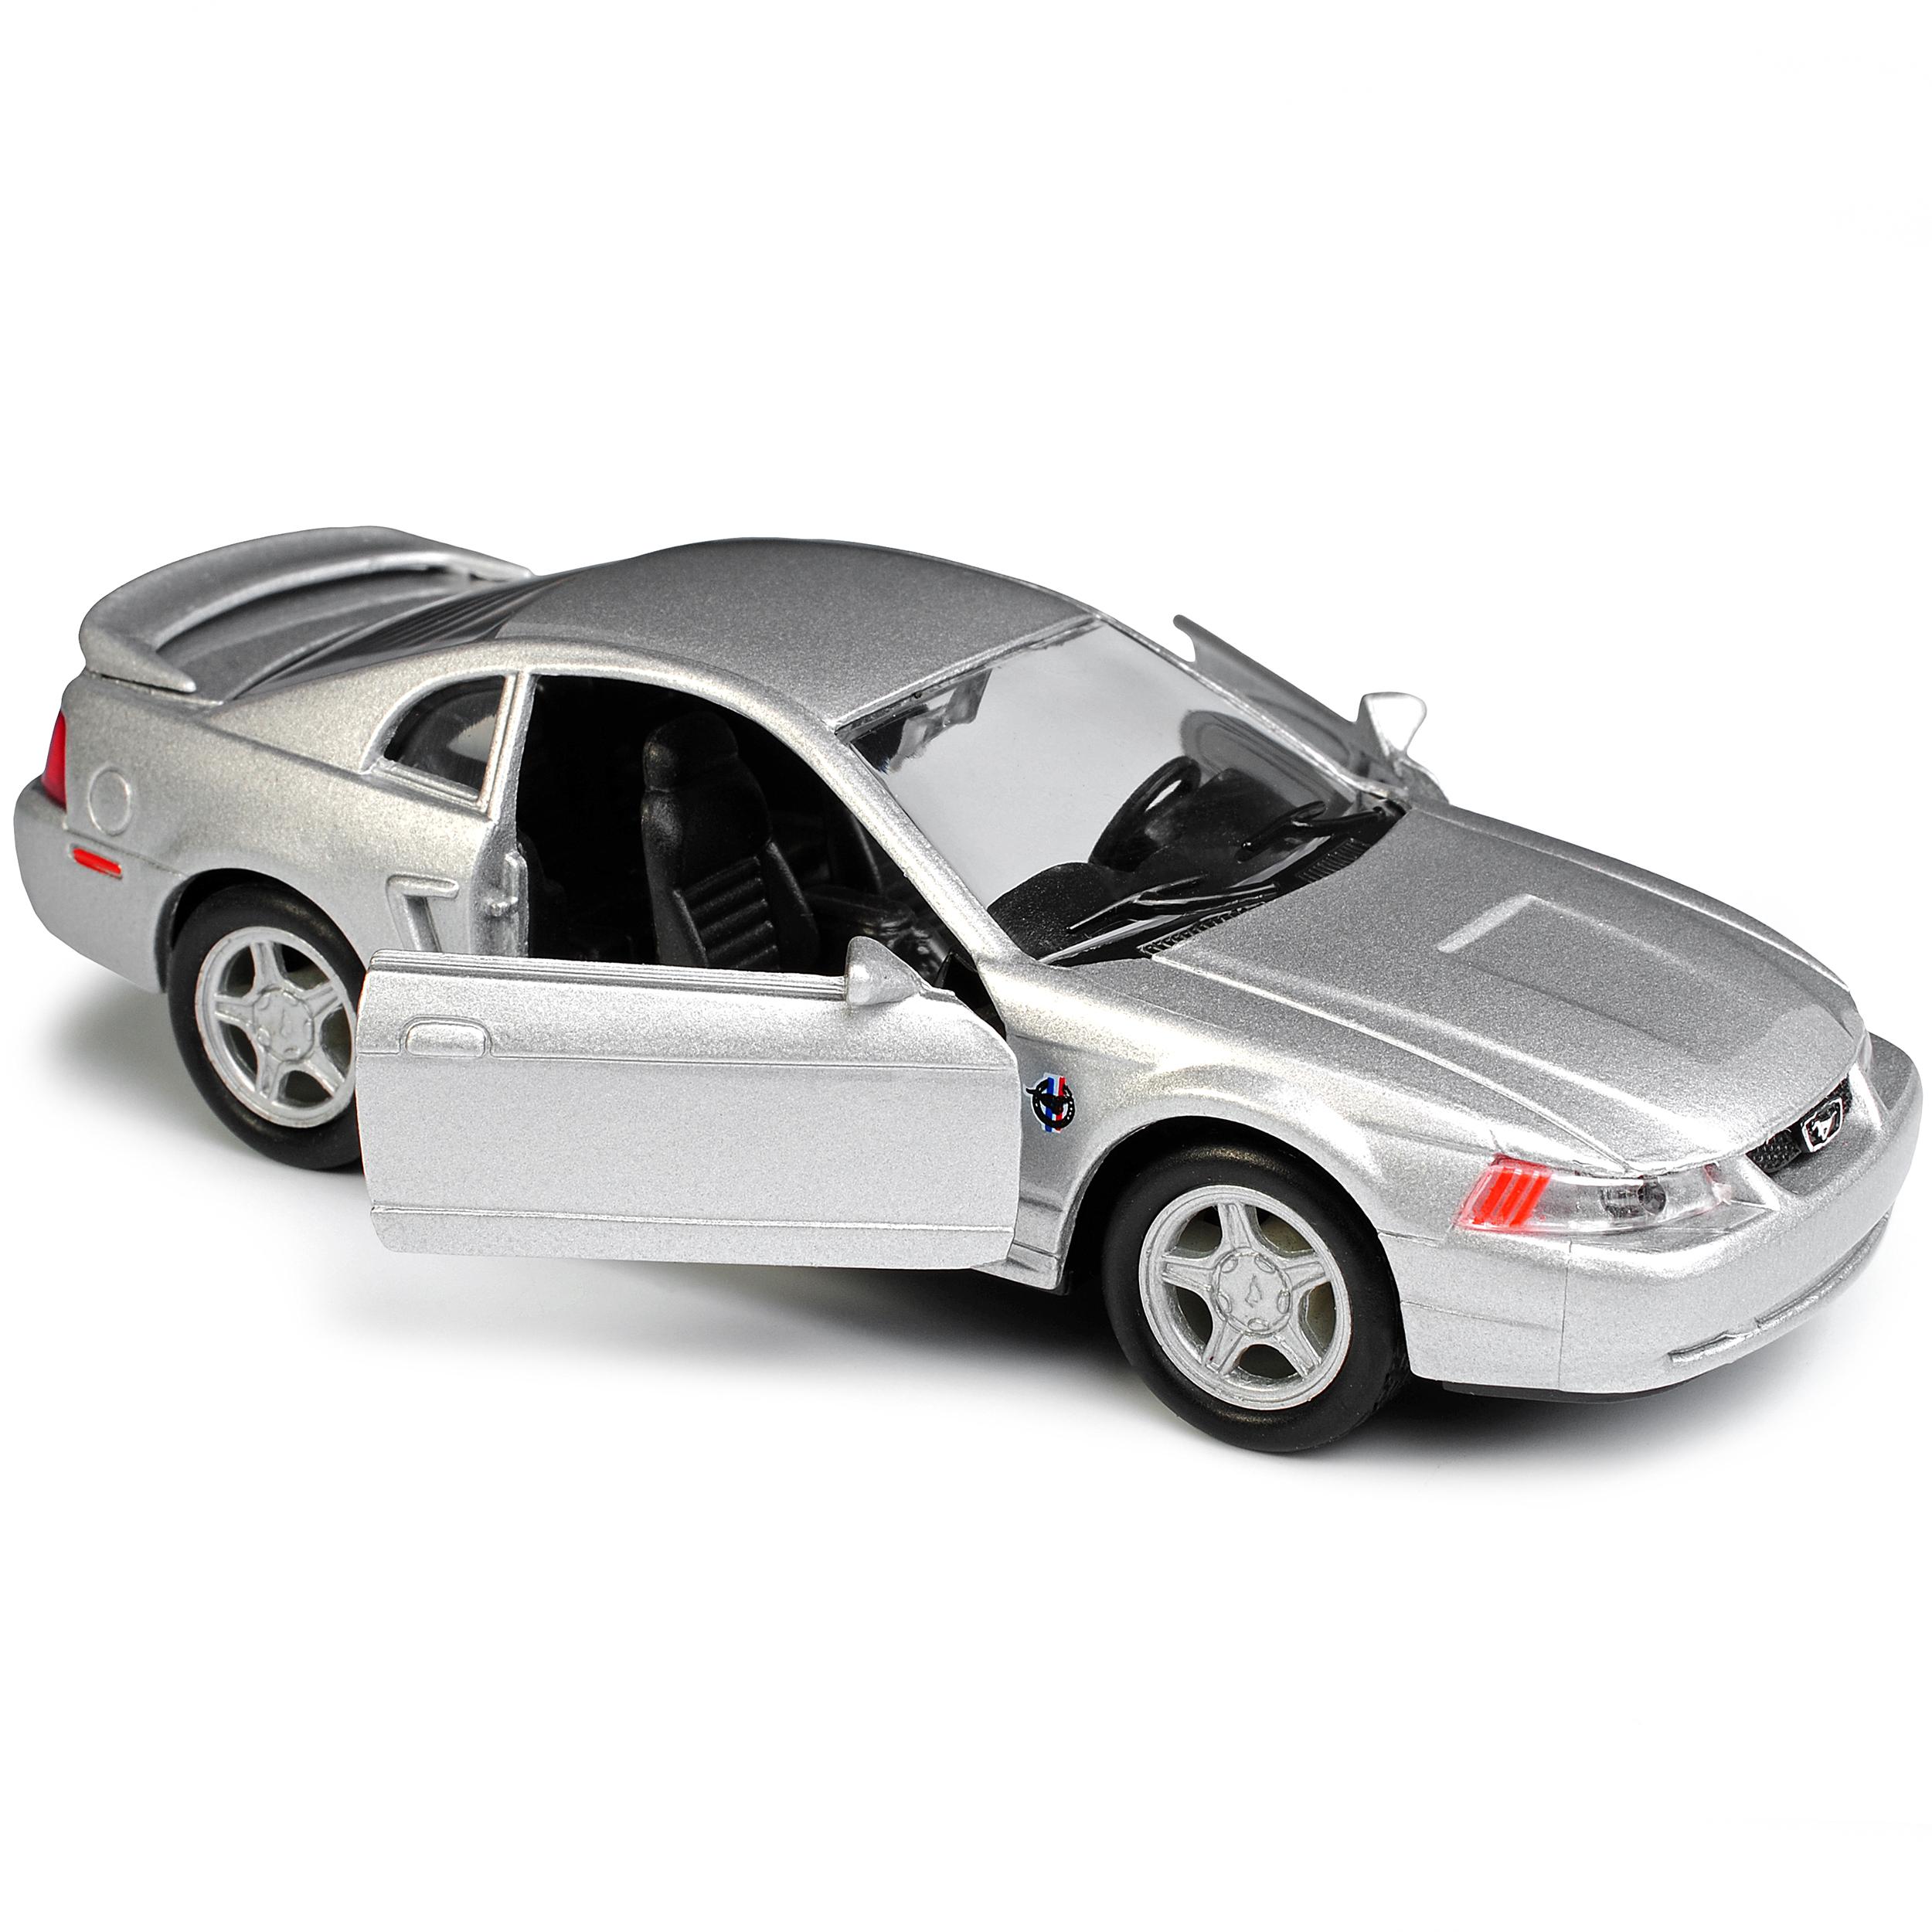 Version-de-plata-1994-2004-Ford-Mustang-IV-GT-coupe-de-cara-ascensor-1999-ca-1-43-1-3 miniatura 9